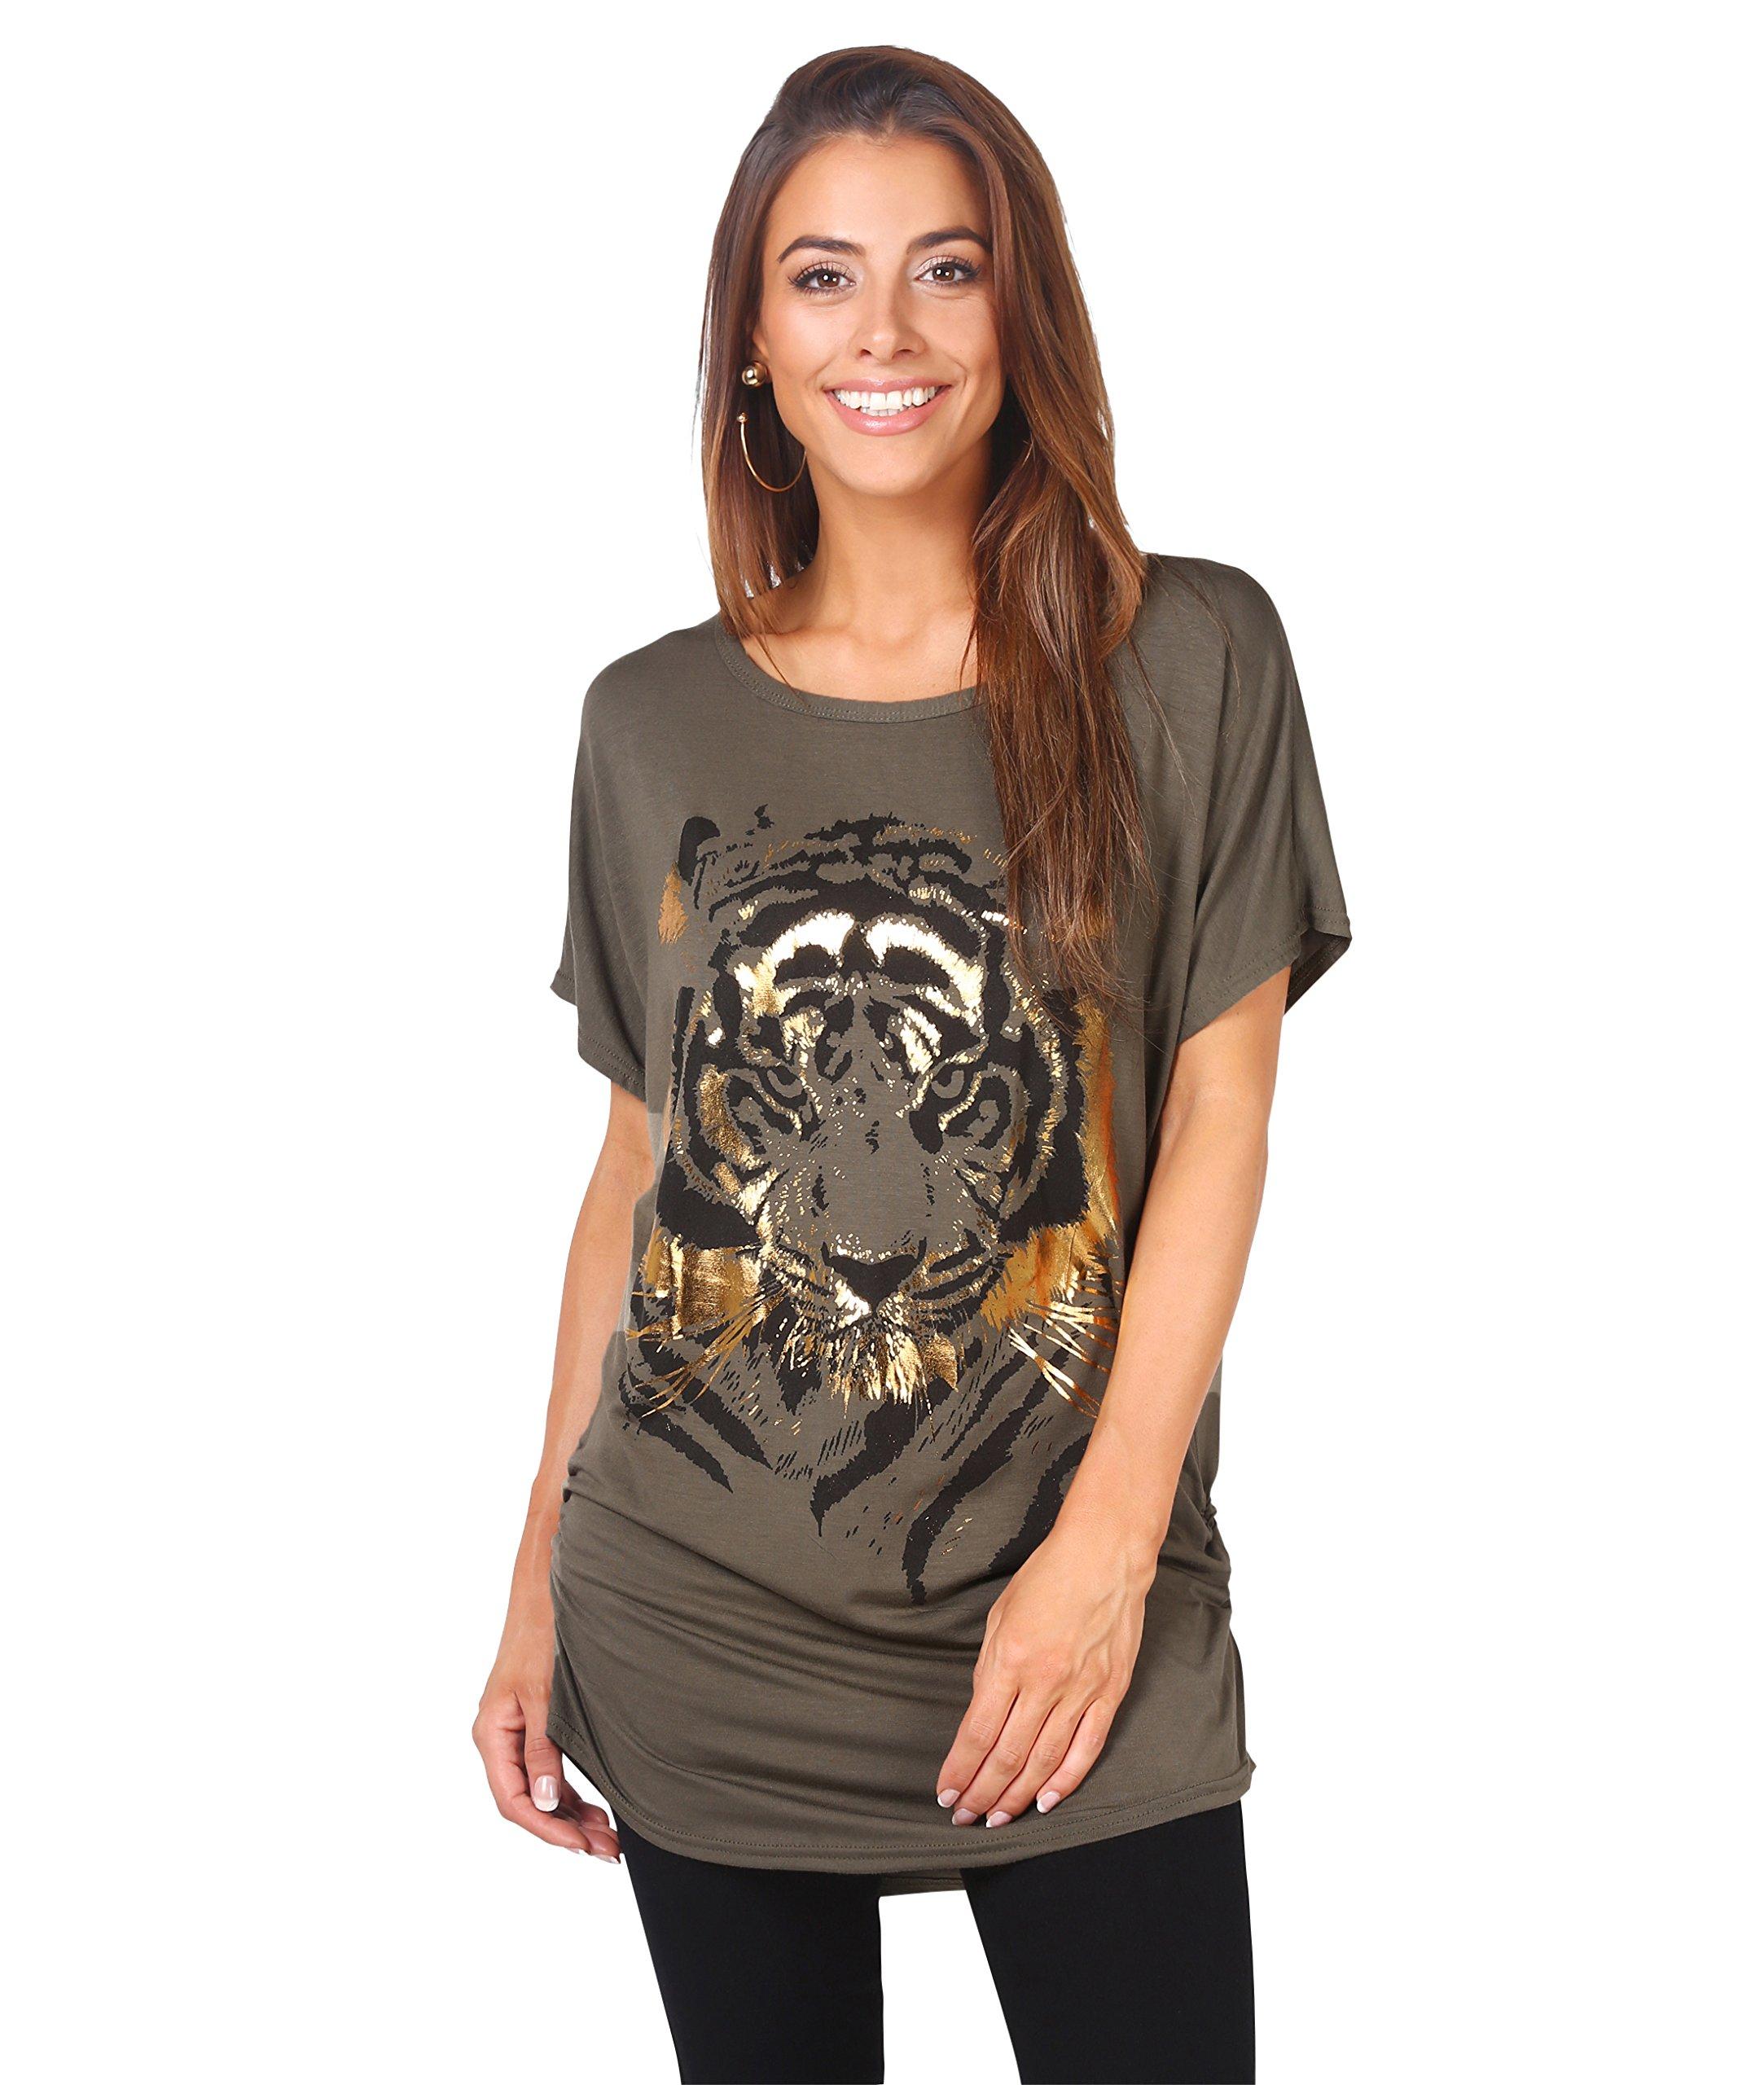 082195ff5 Galleon - KRISP Oversize Shiny Tiger Print T-Shirt (Khaki, 10),[2093-KHA-14]